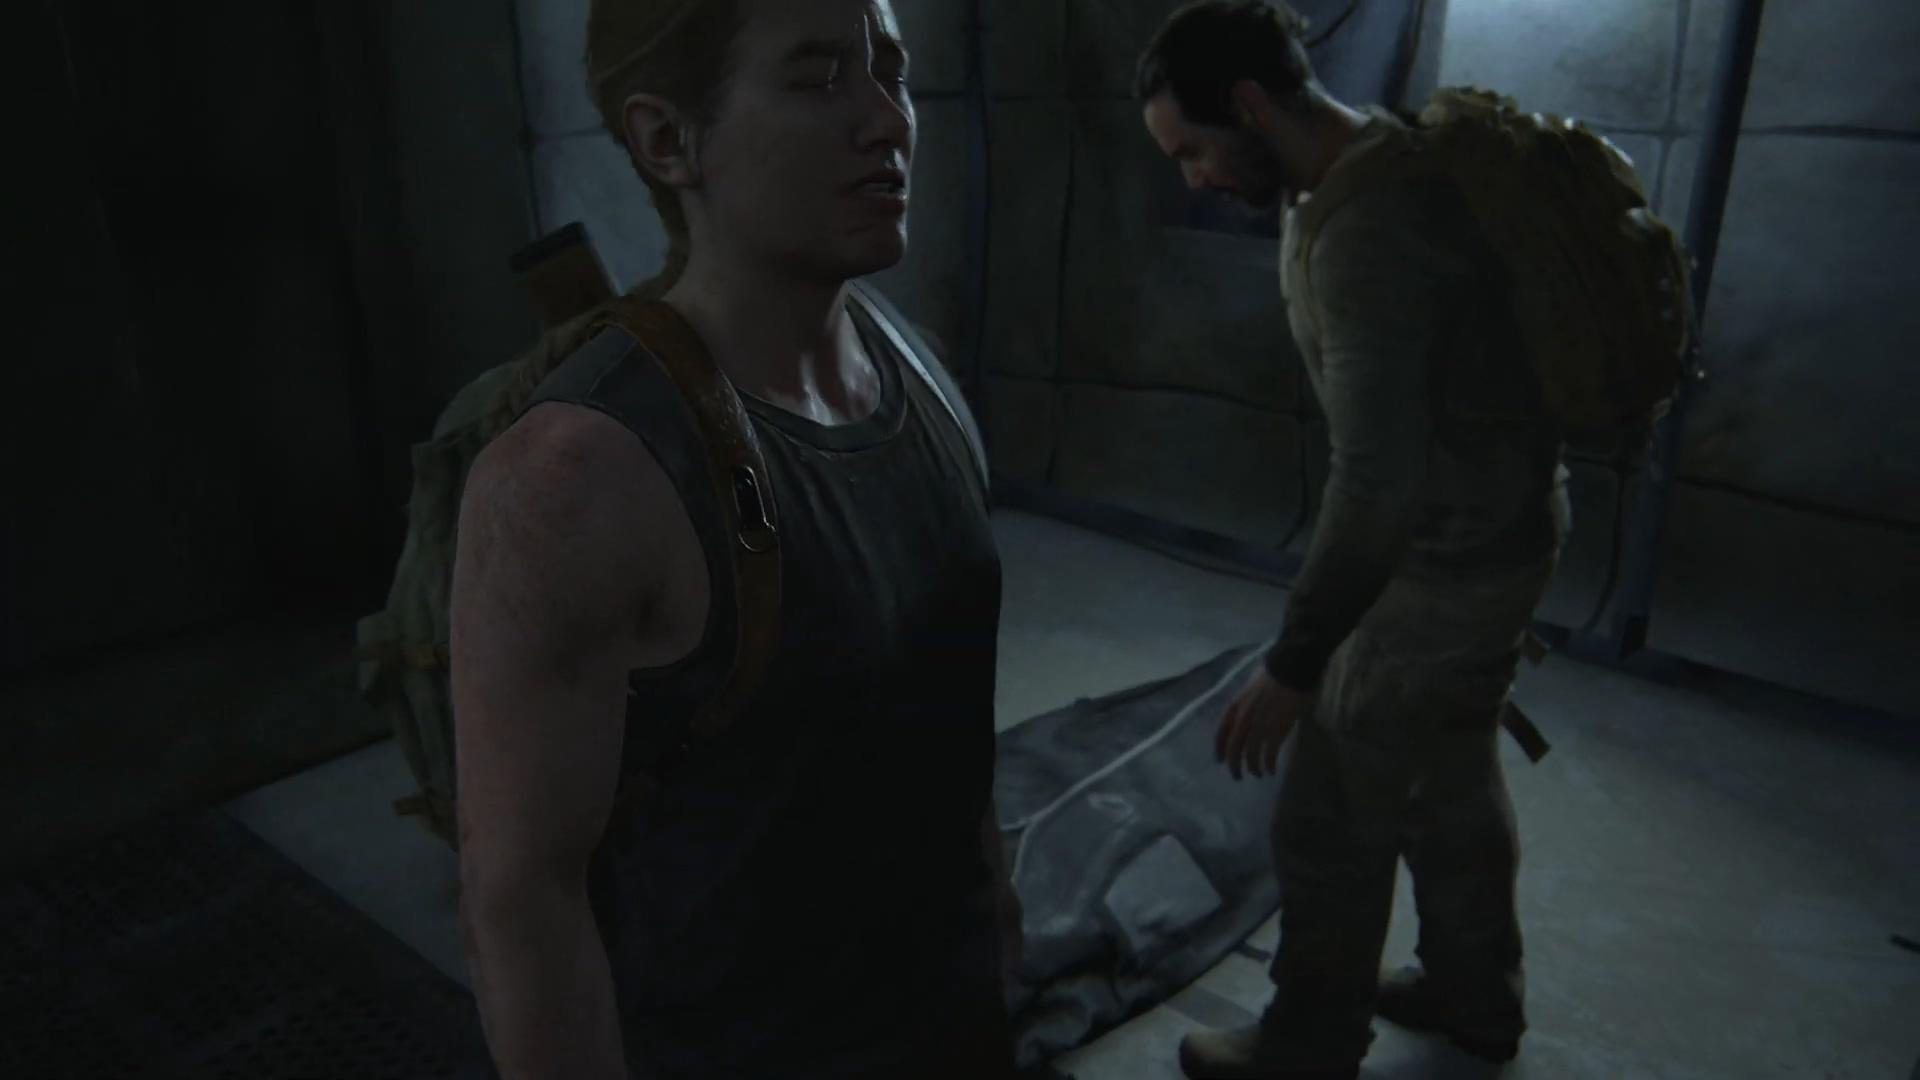 《最后的生还者2》艾比剧情预告 踏上复仇之路